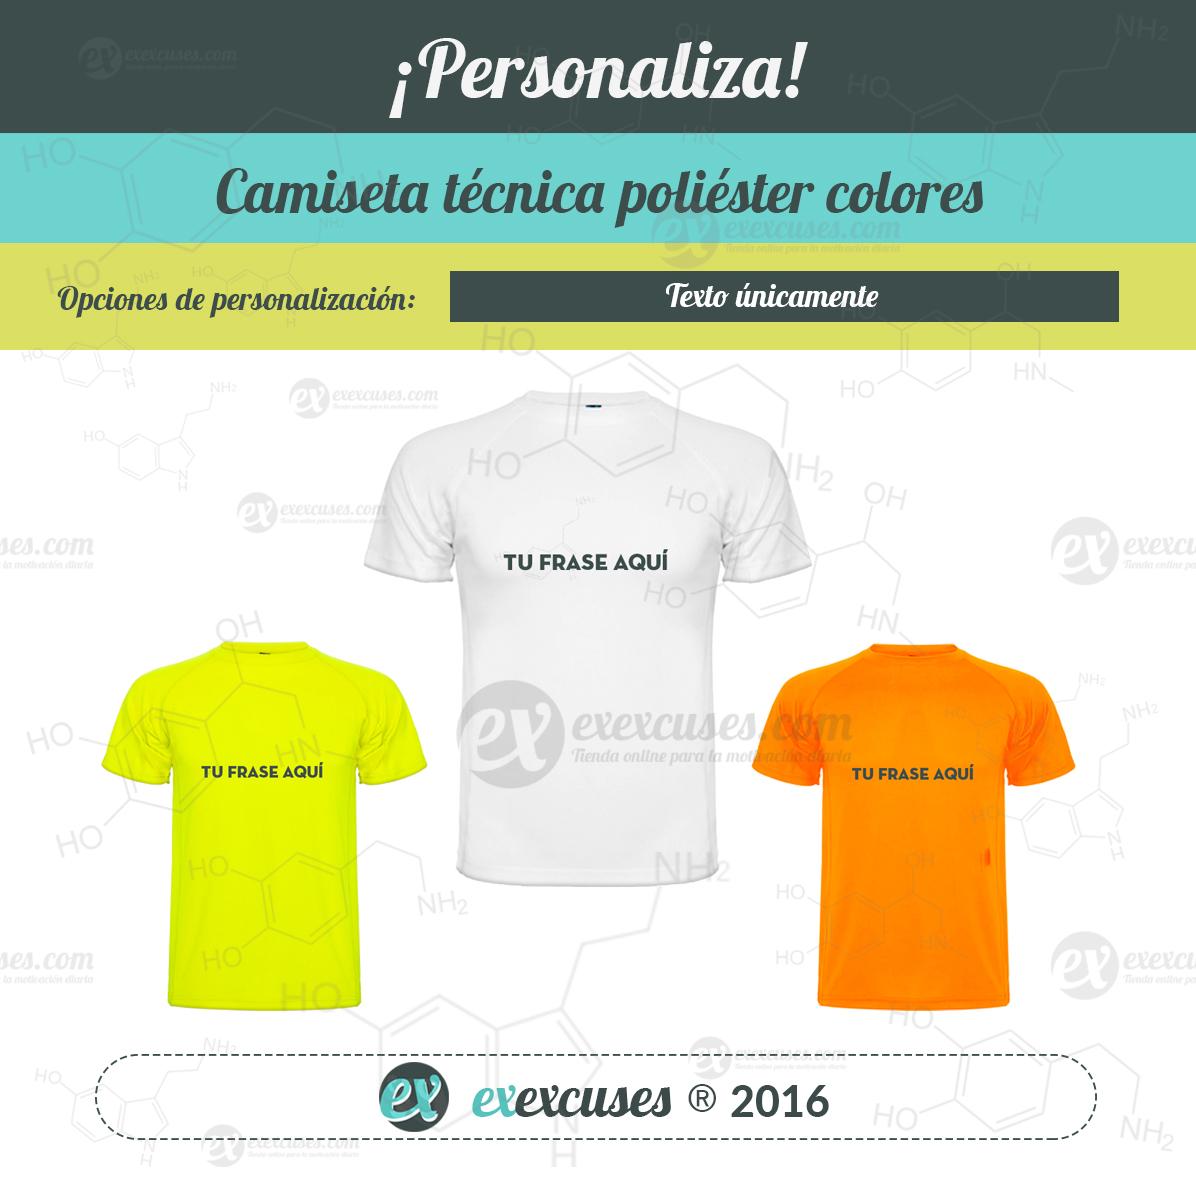 Camiseta técnica unisex exexcuses®